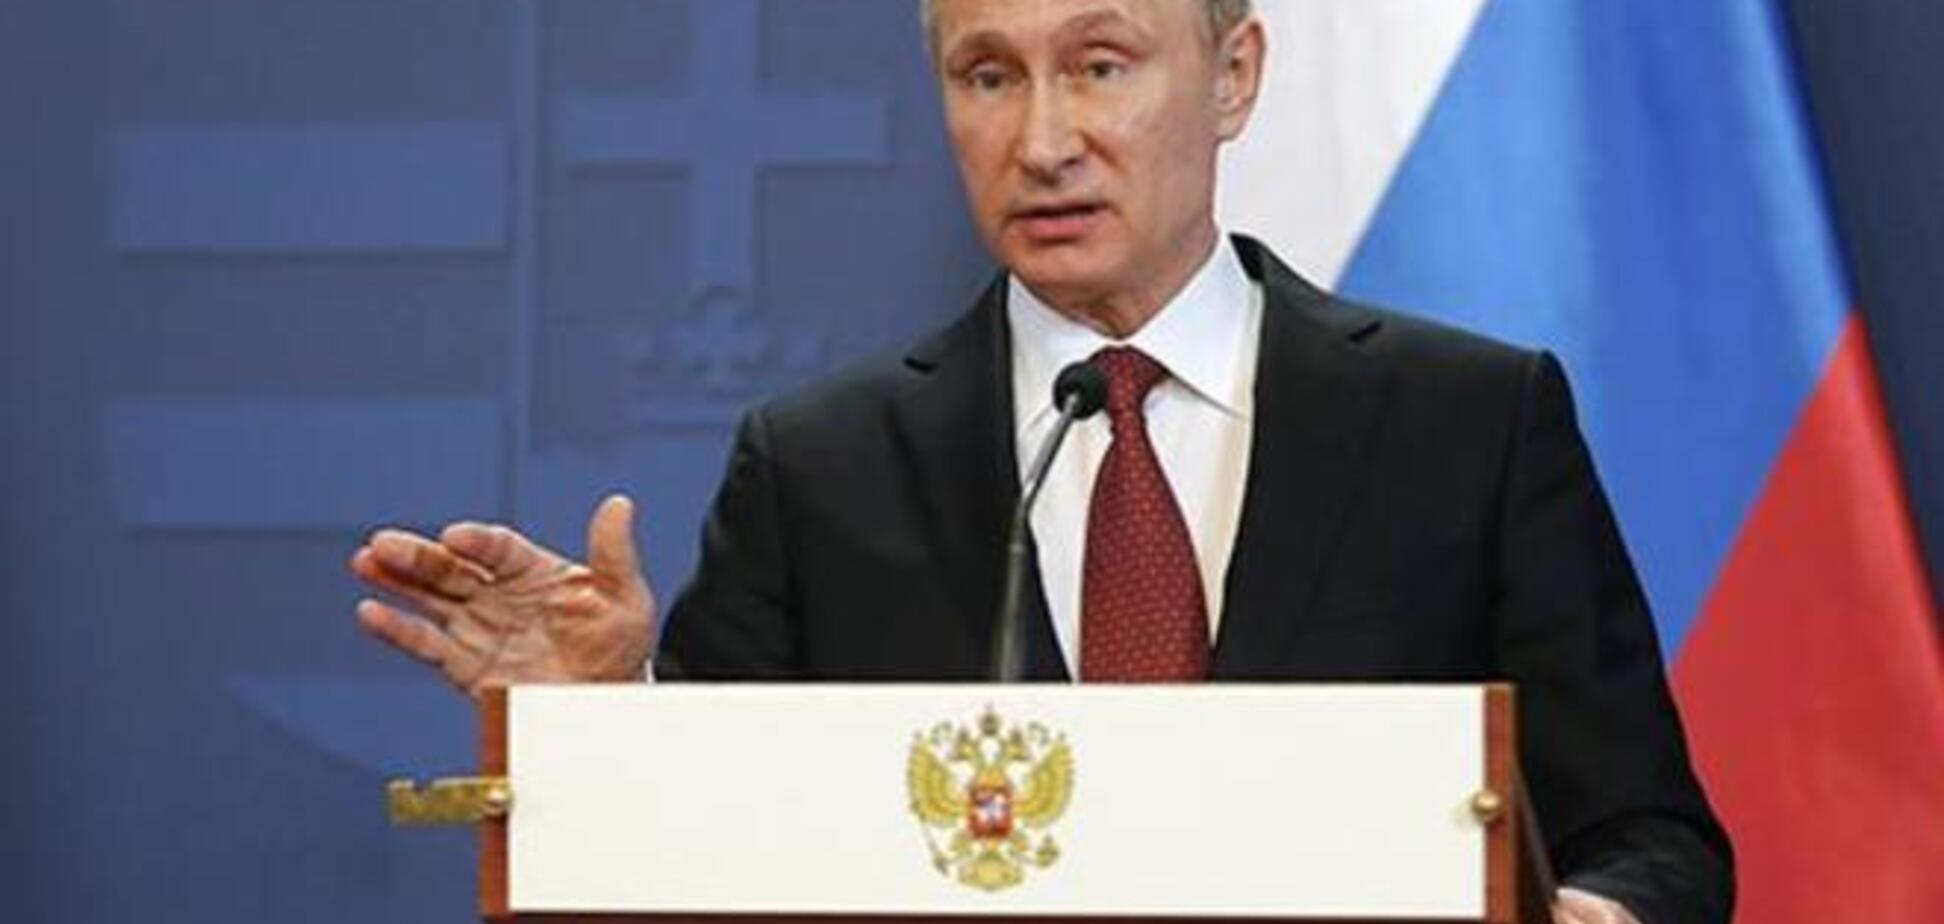 Путин назвал бойцов АТО в Дебальцево 'нарывом', с которым 'нужно кончать'